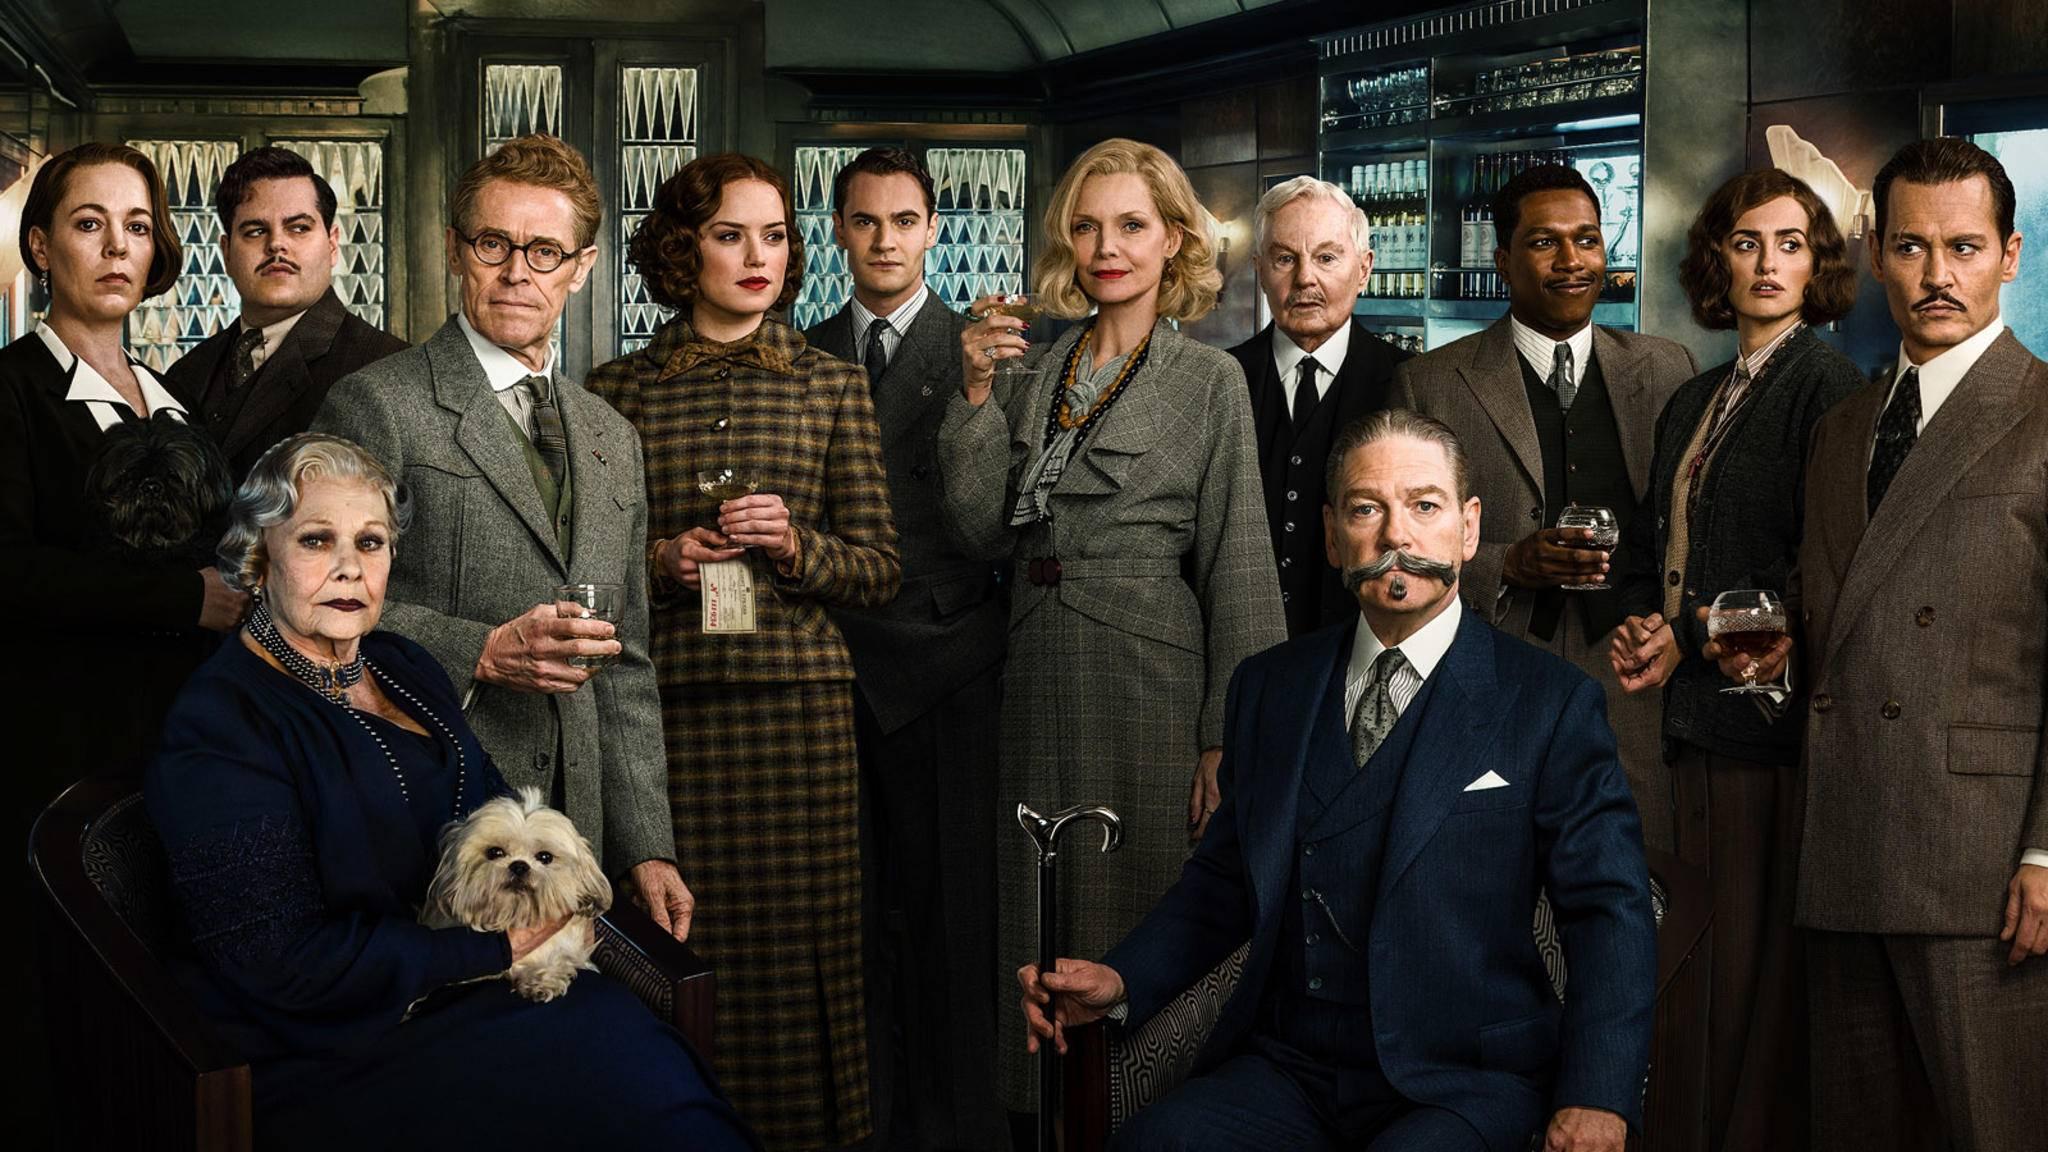 Wenn es nach Kenneth Branagh geht, sehen wir den einen oder anderen vielleicht bald in anderen Agatha-Christie-Filmen wieder.